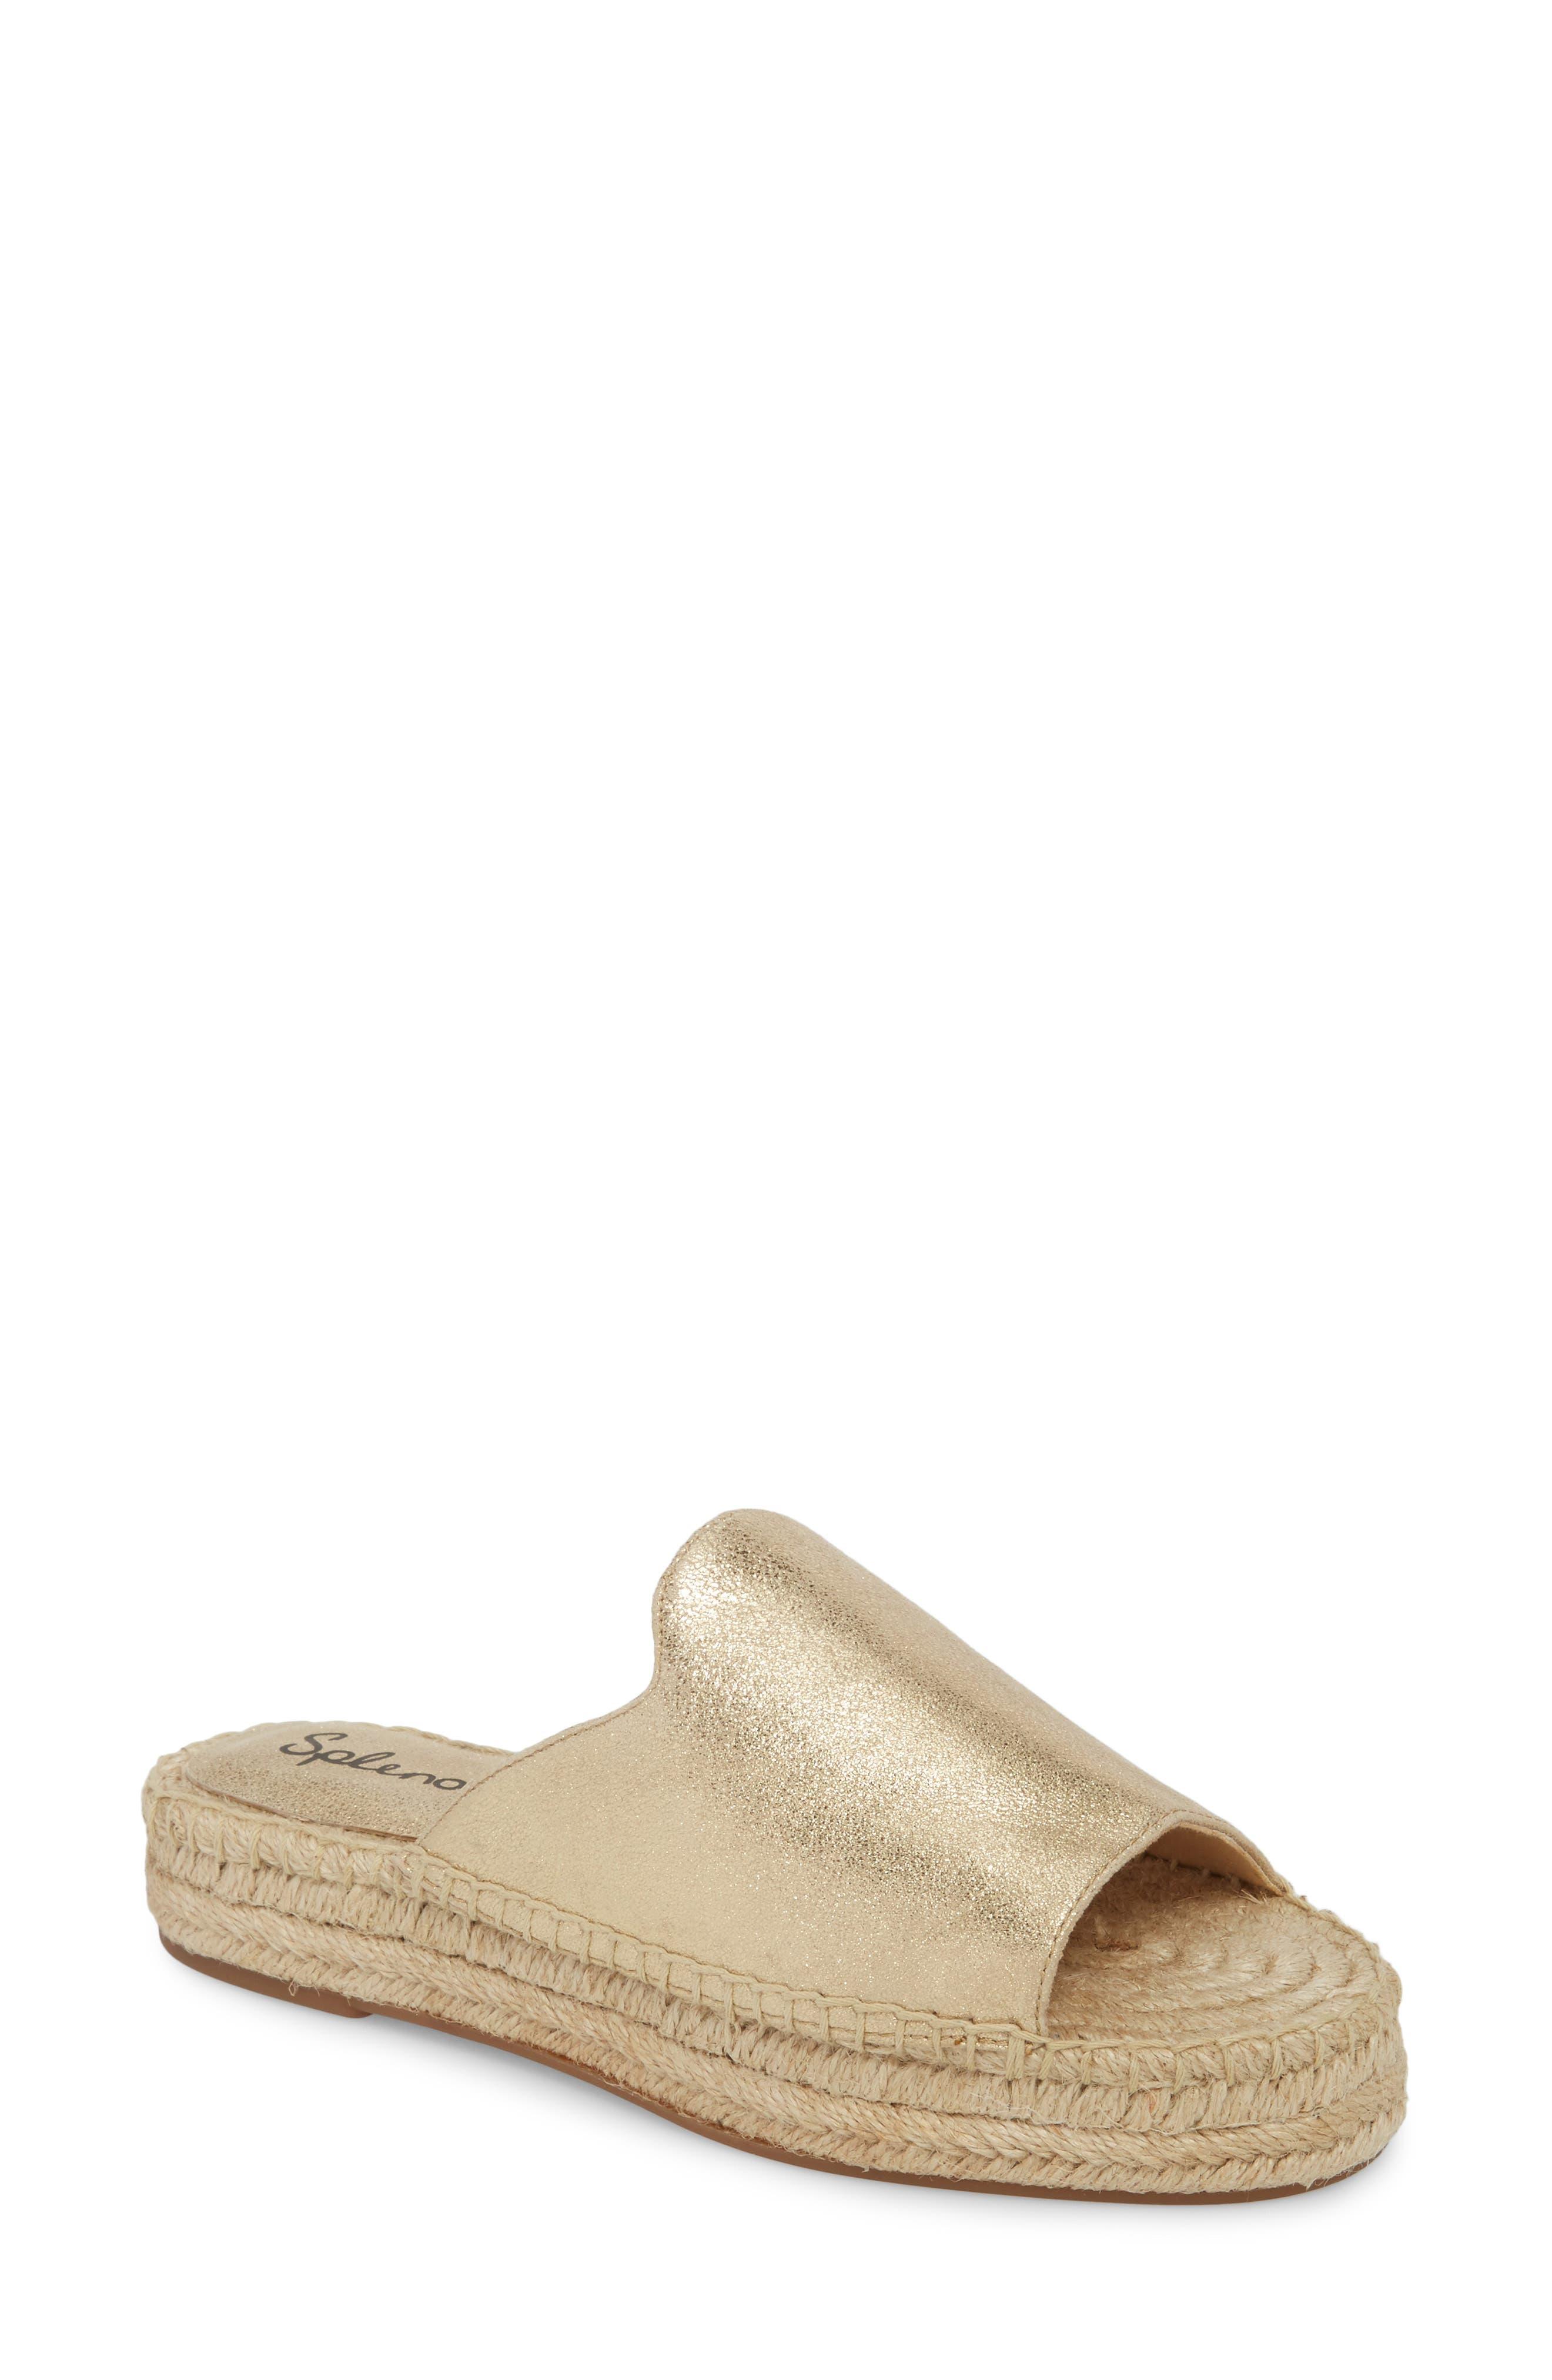 Splendid Women's Franci Espadrille Slide Sandal vErhACMSx